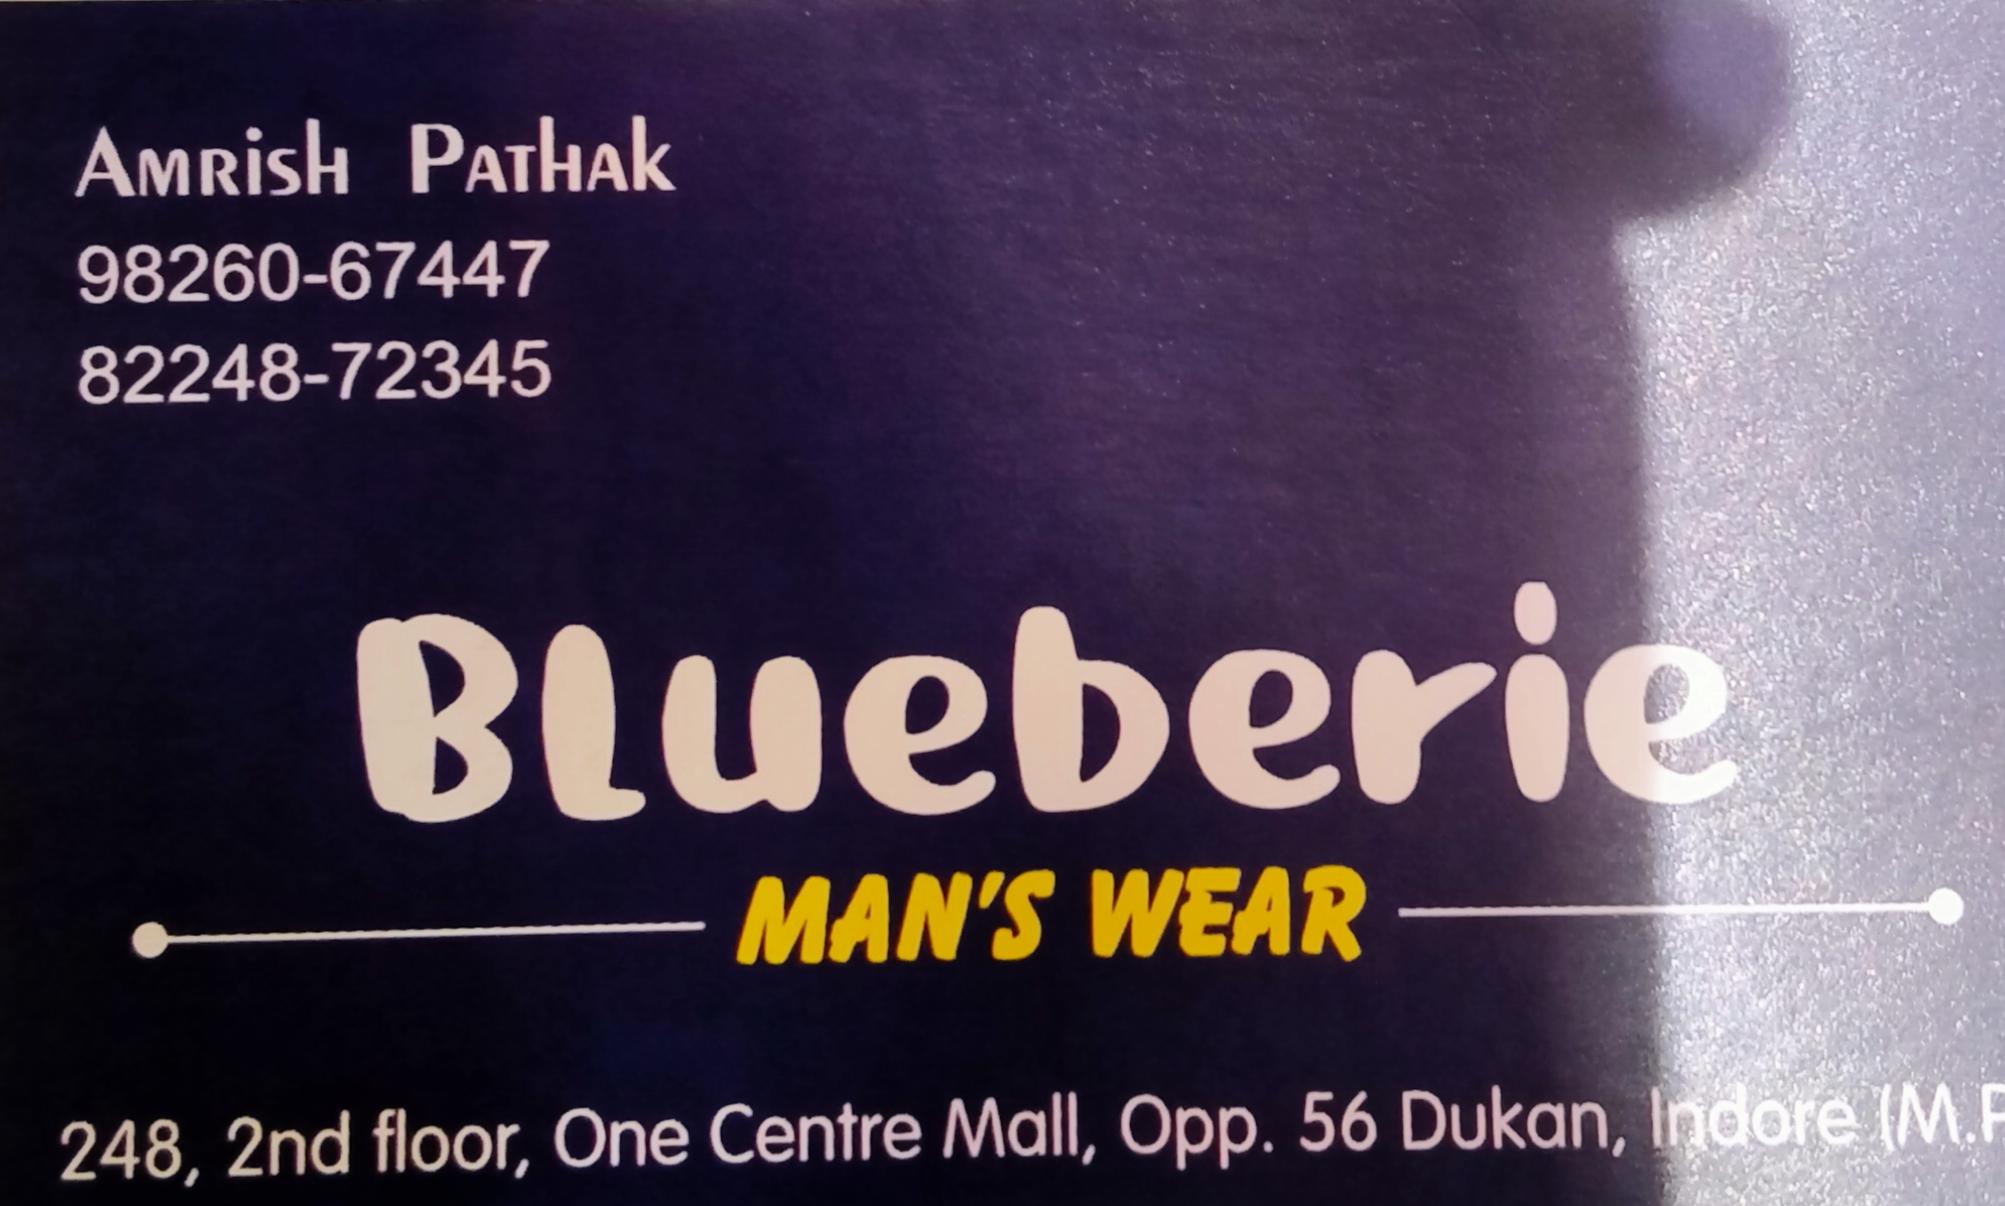 Blueberie faishion